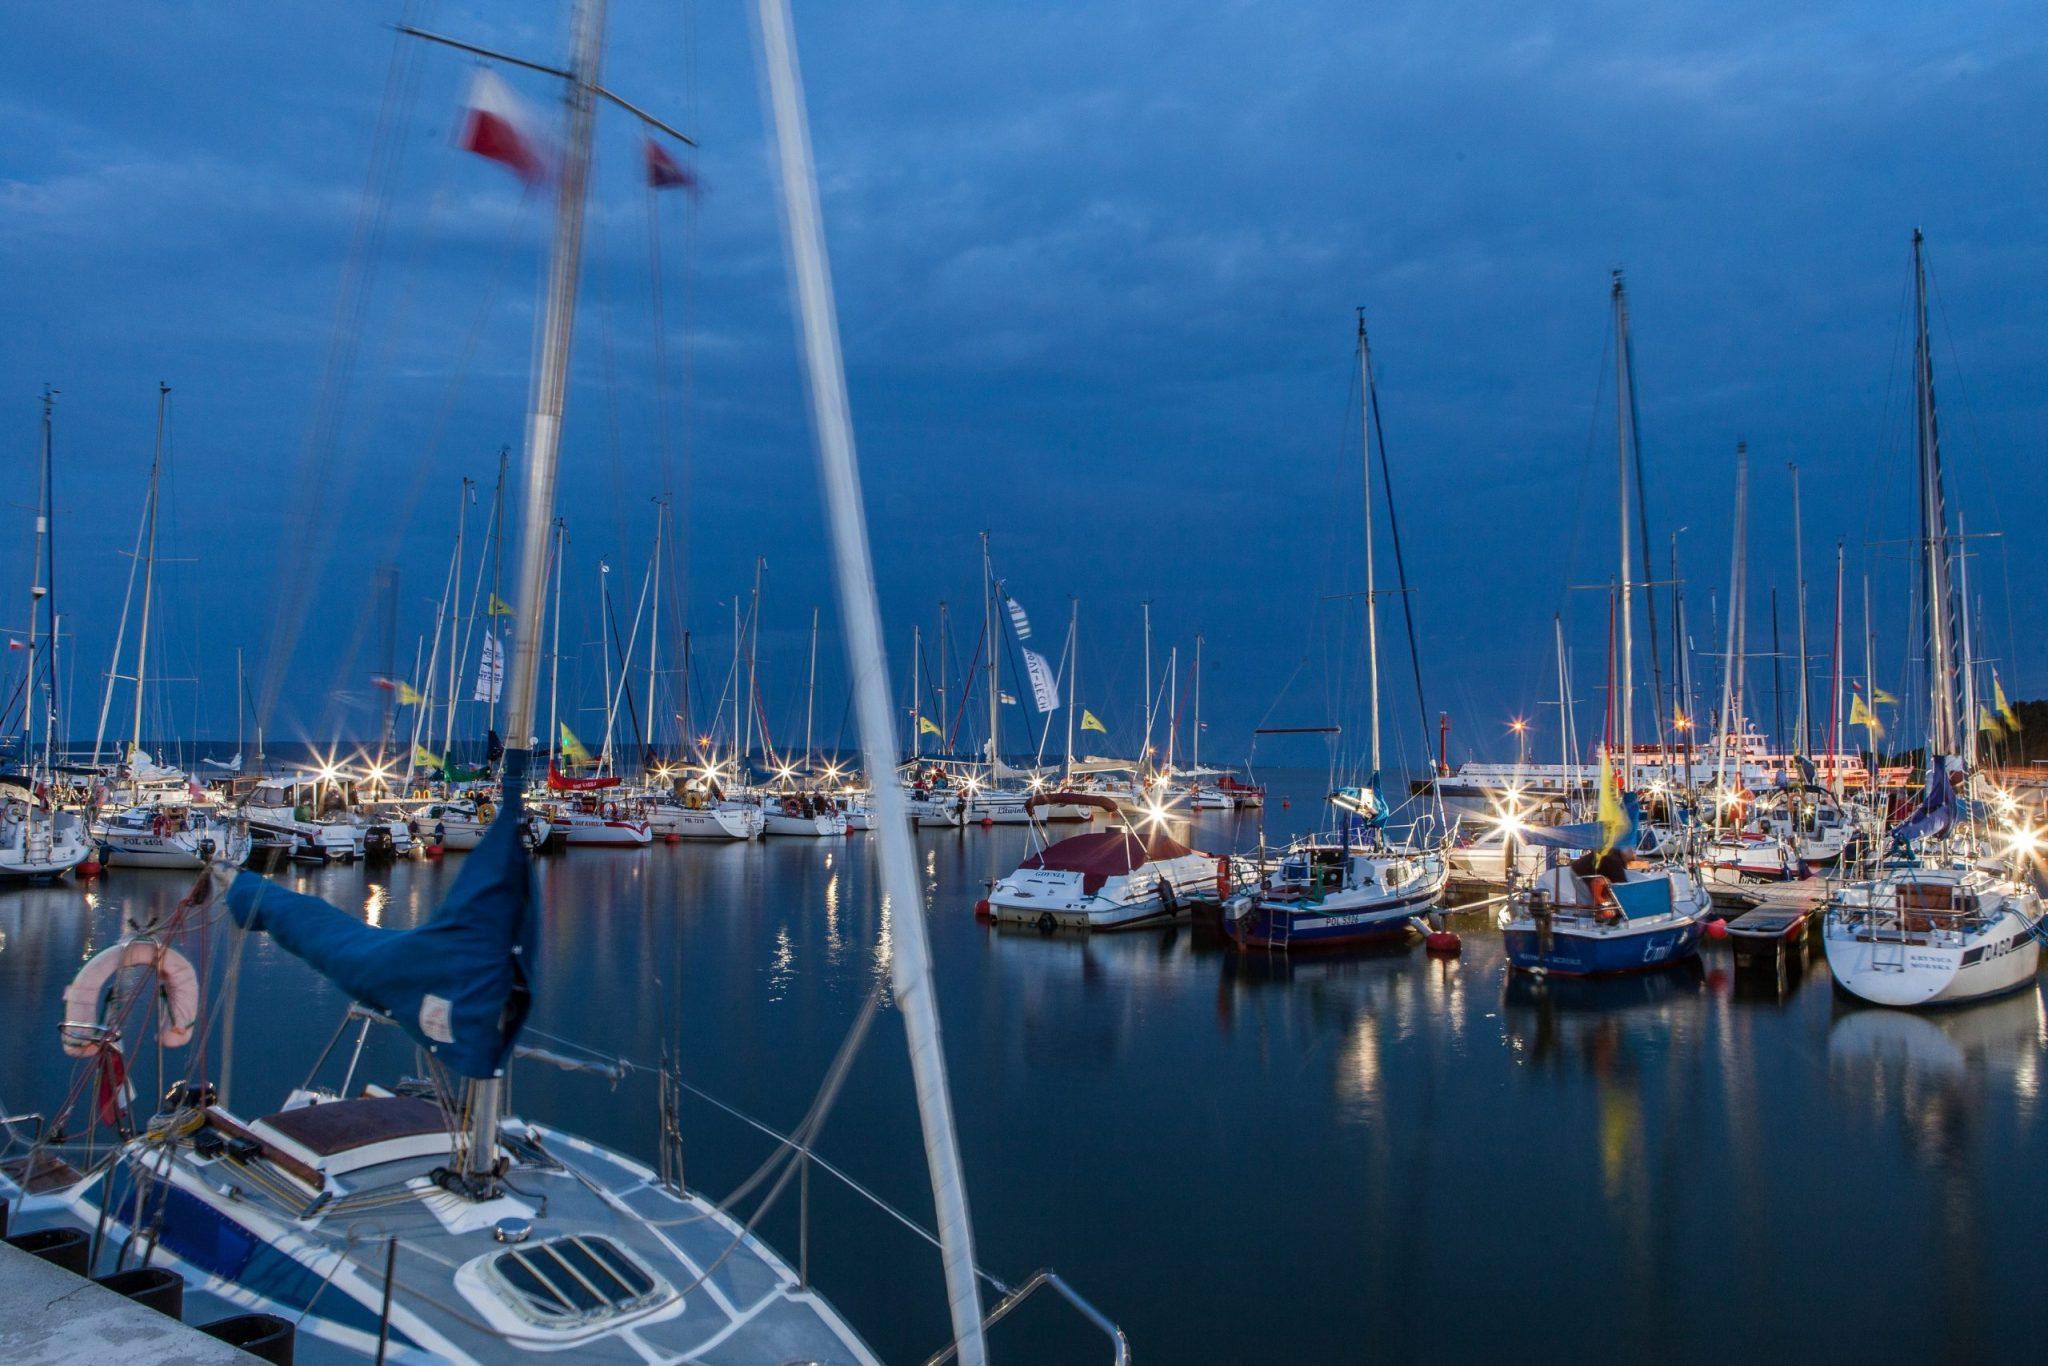 Volvo Gdynia Sailing Days6 wodne atrakcje 10 scaled - Pomorskie z wody